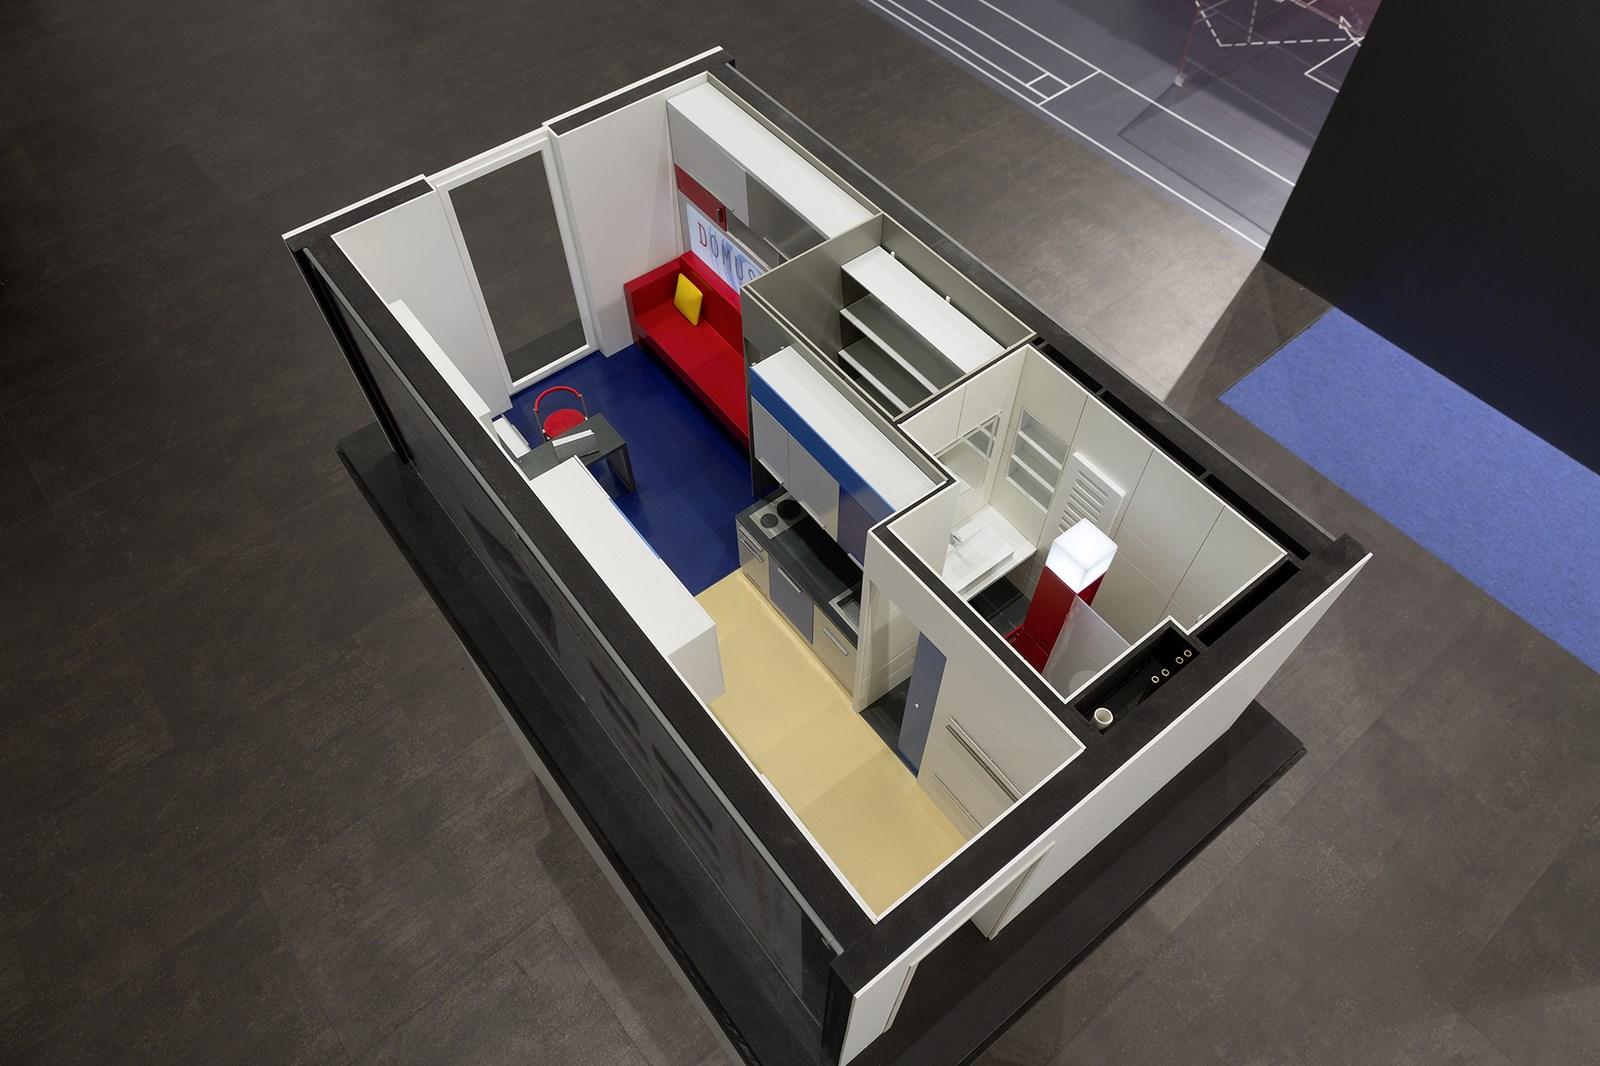 Revista Estilo Propio Arquitectura Y Dise O Arte Y Decoracion # Muebles Momento Actual